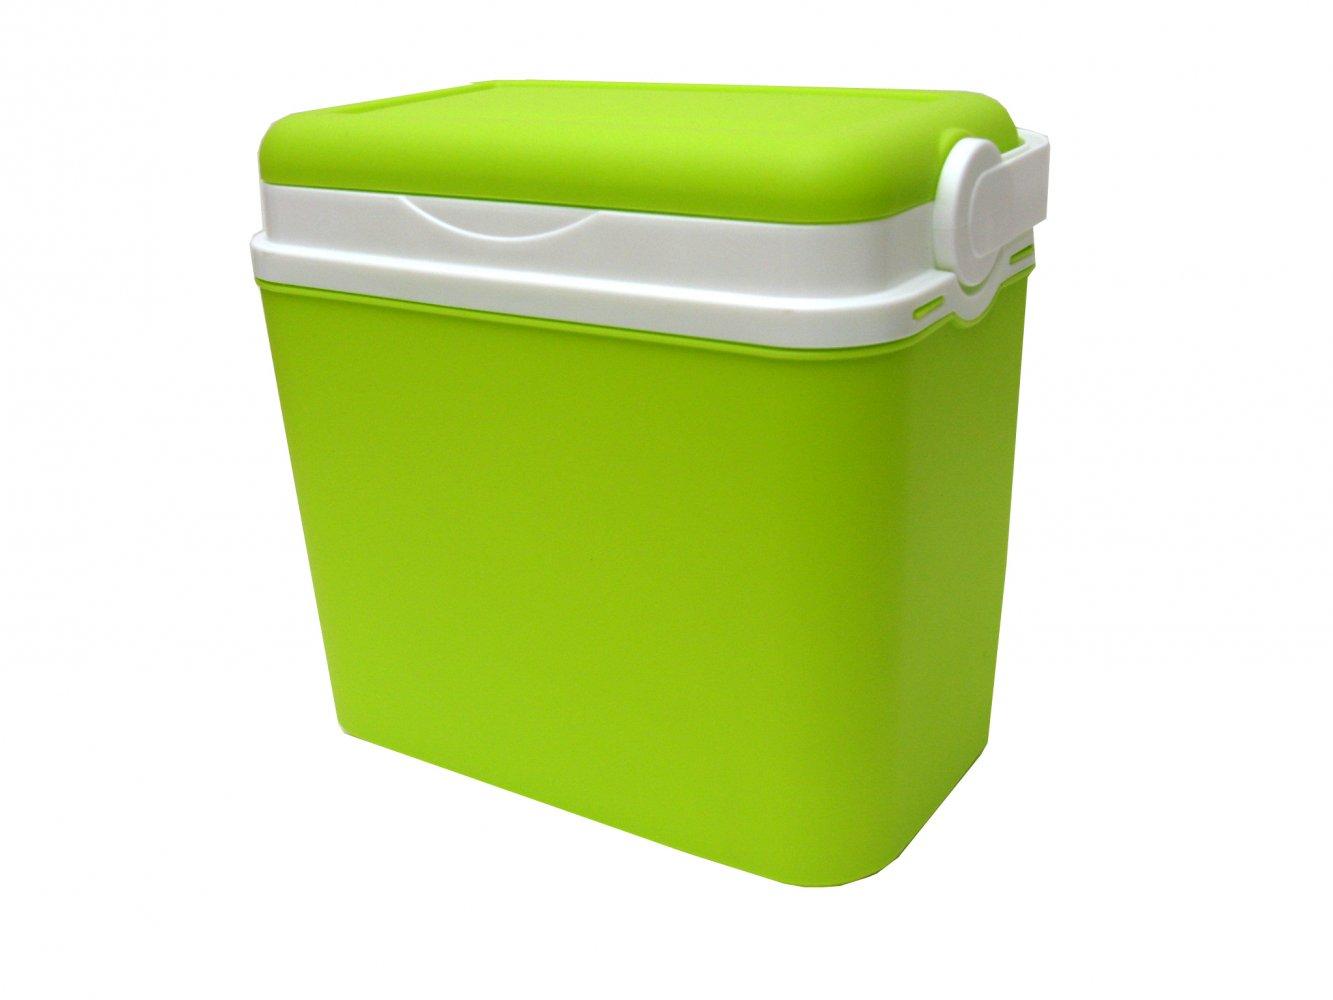 Chladící box Adriatic 10 l reflexní zelená